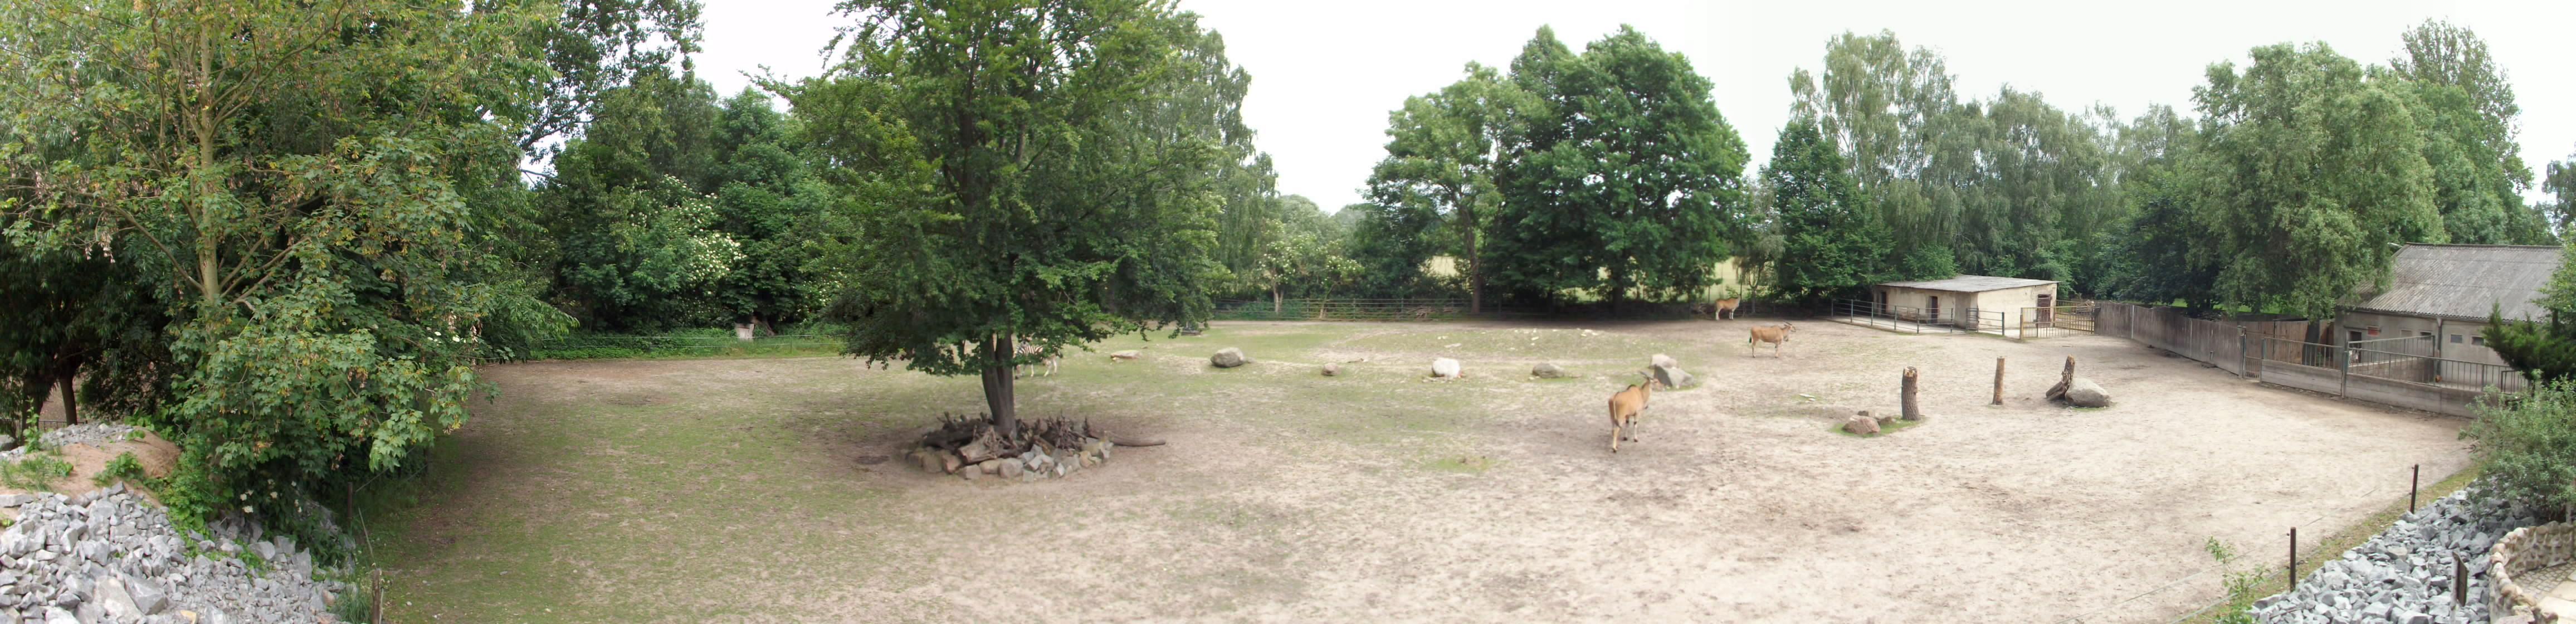 Afrikaanlage (Tiergarten Delitzsch)